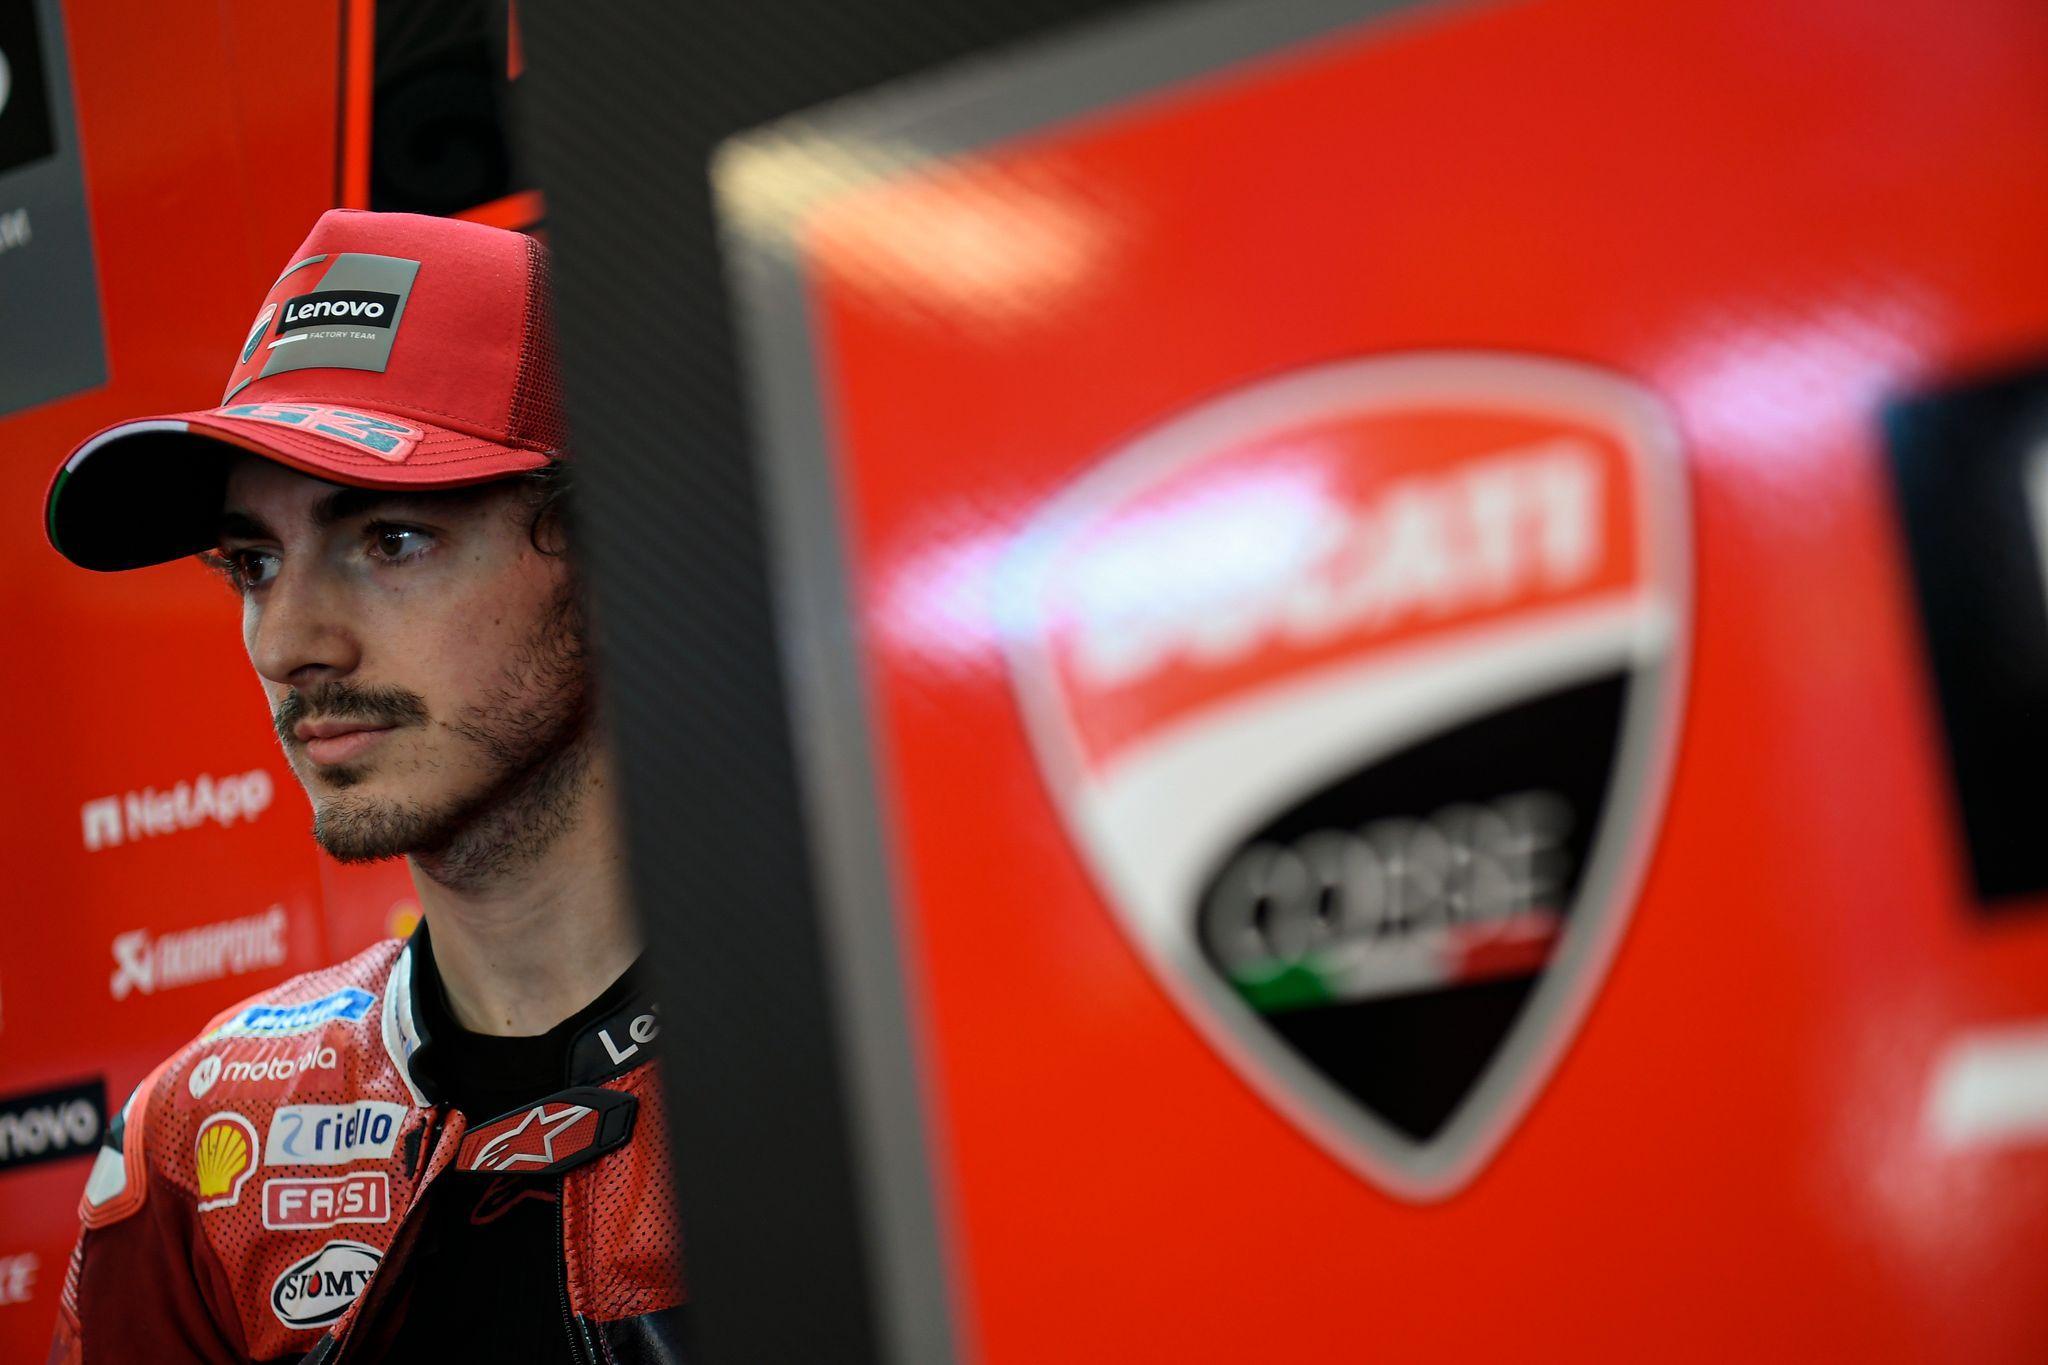 MOTO GP - Pecco Bagnaia secondo a Jerez ora è in testa alla classifica del mondiale